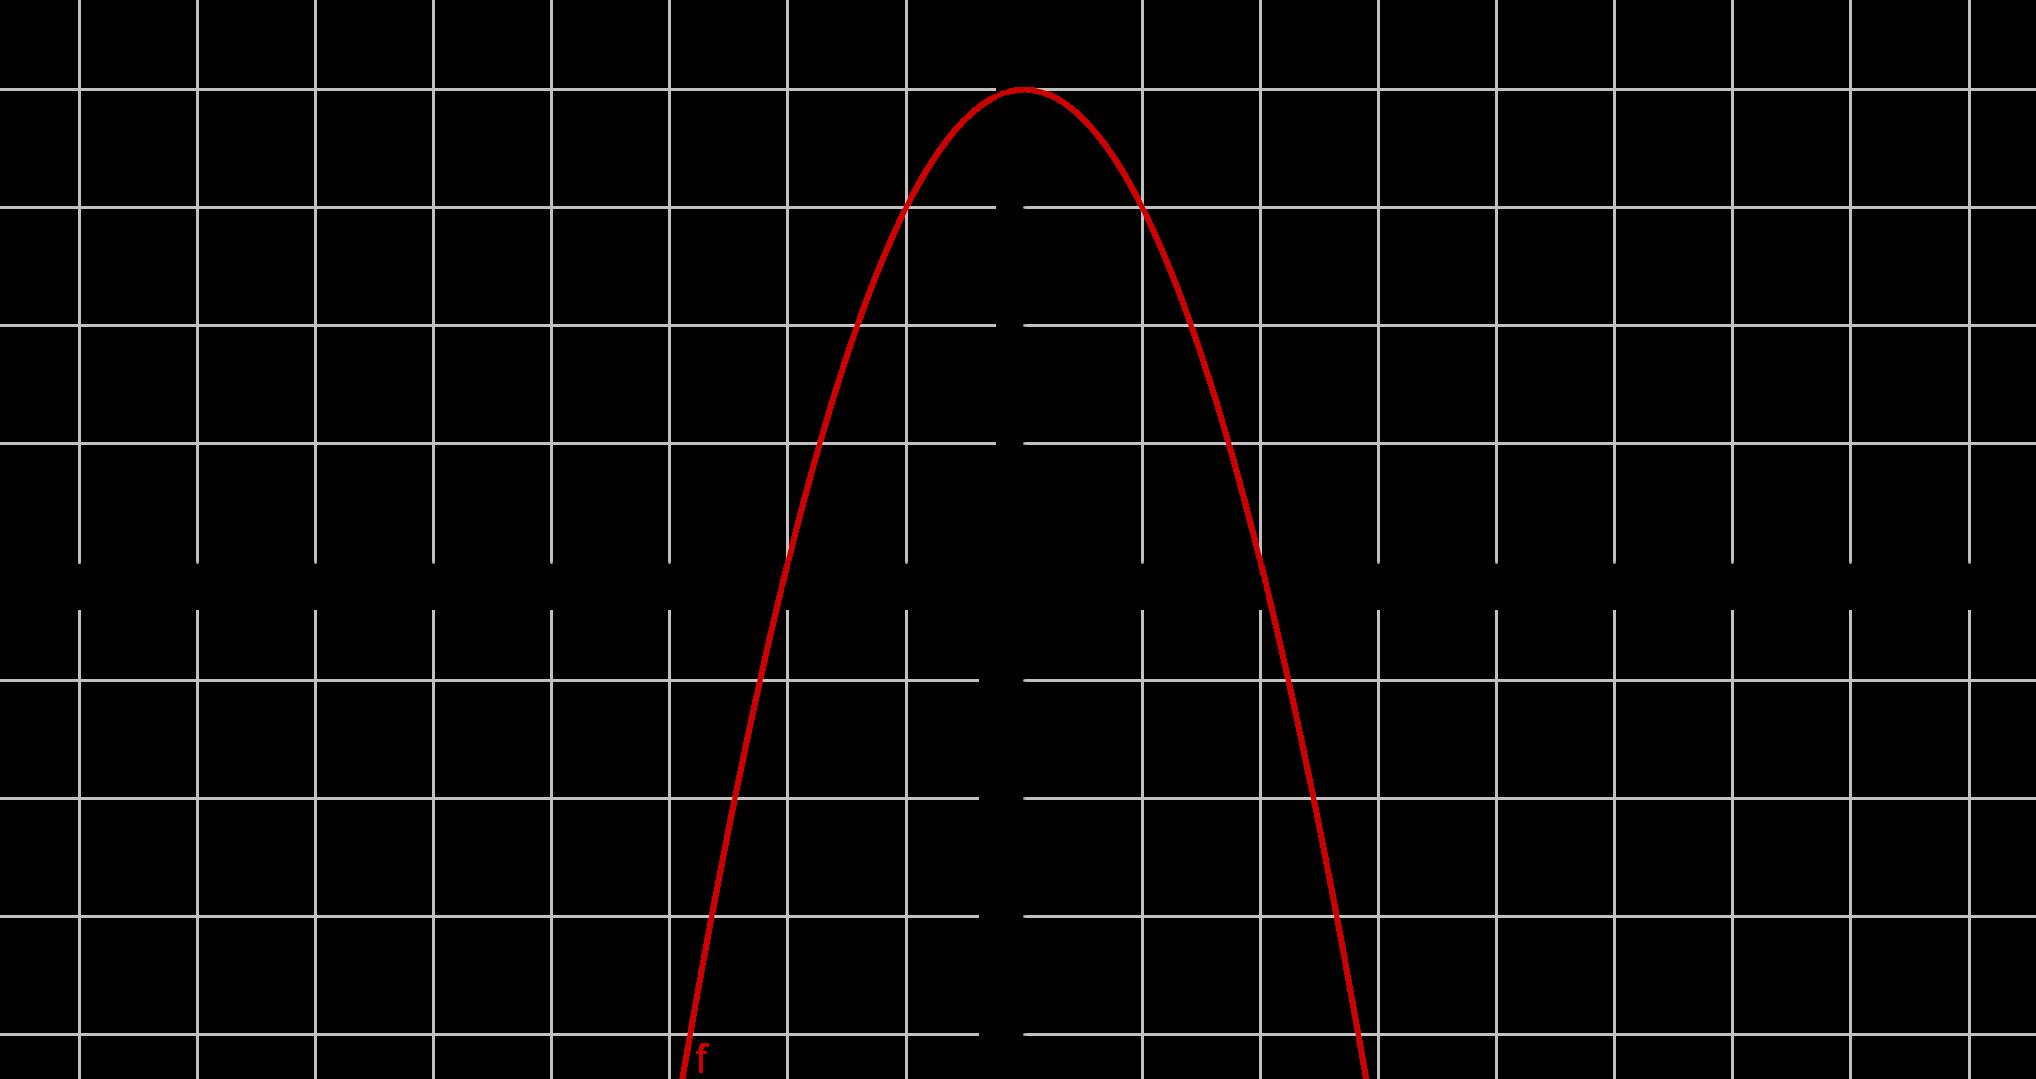 Graph zu -x^2 + 4